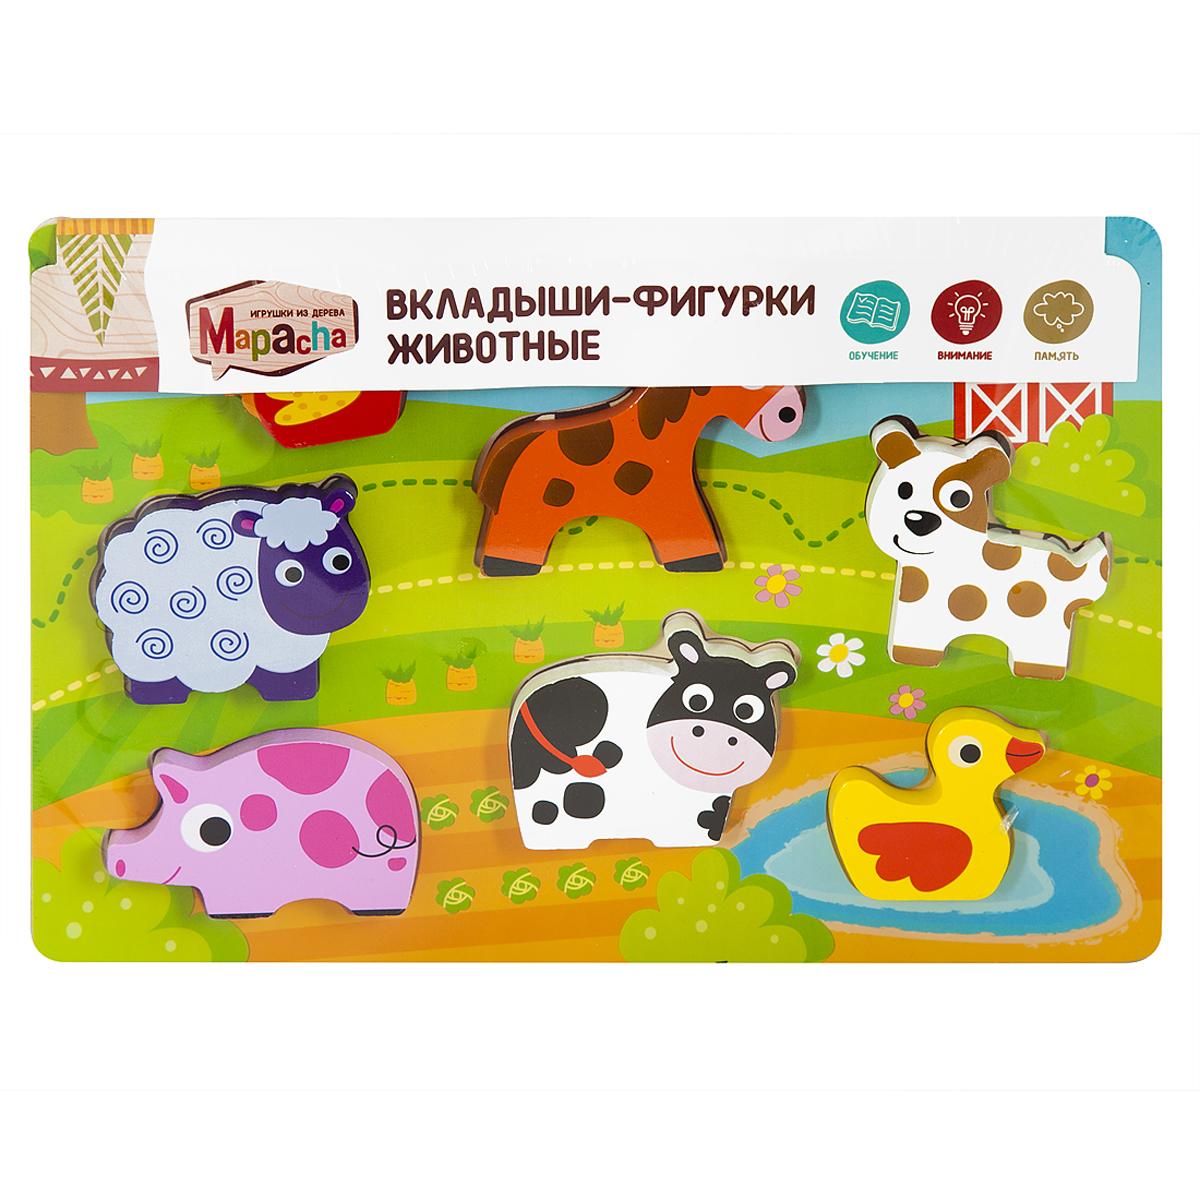 Mapacha Пазл для малышей Вкладыши-фигурки Животные mapacha пазл для малышей вкладыши формы и цвета